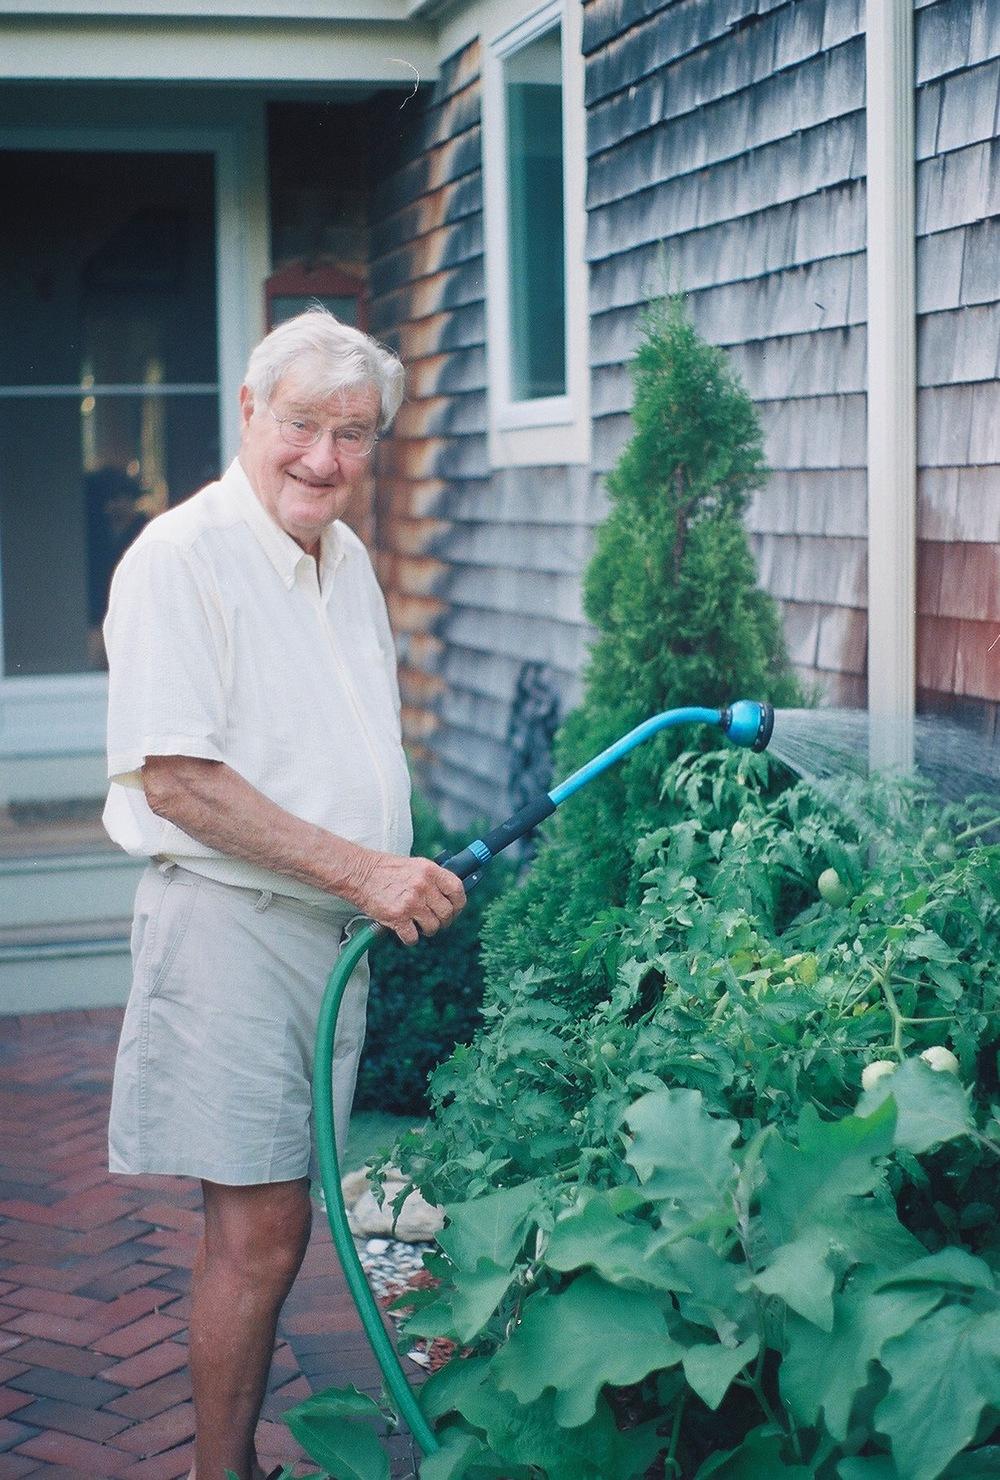 granddad watering.jpg